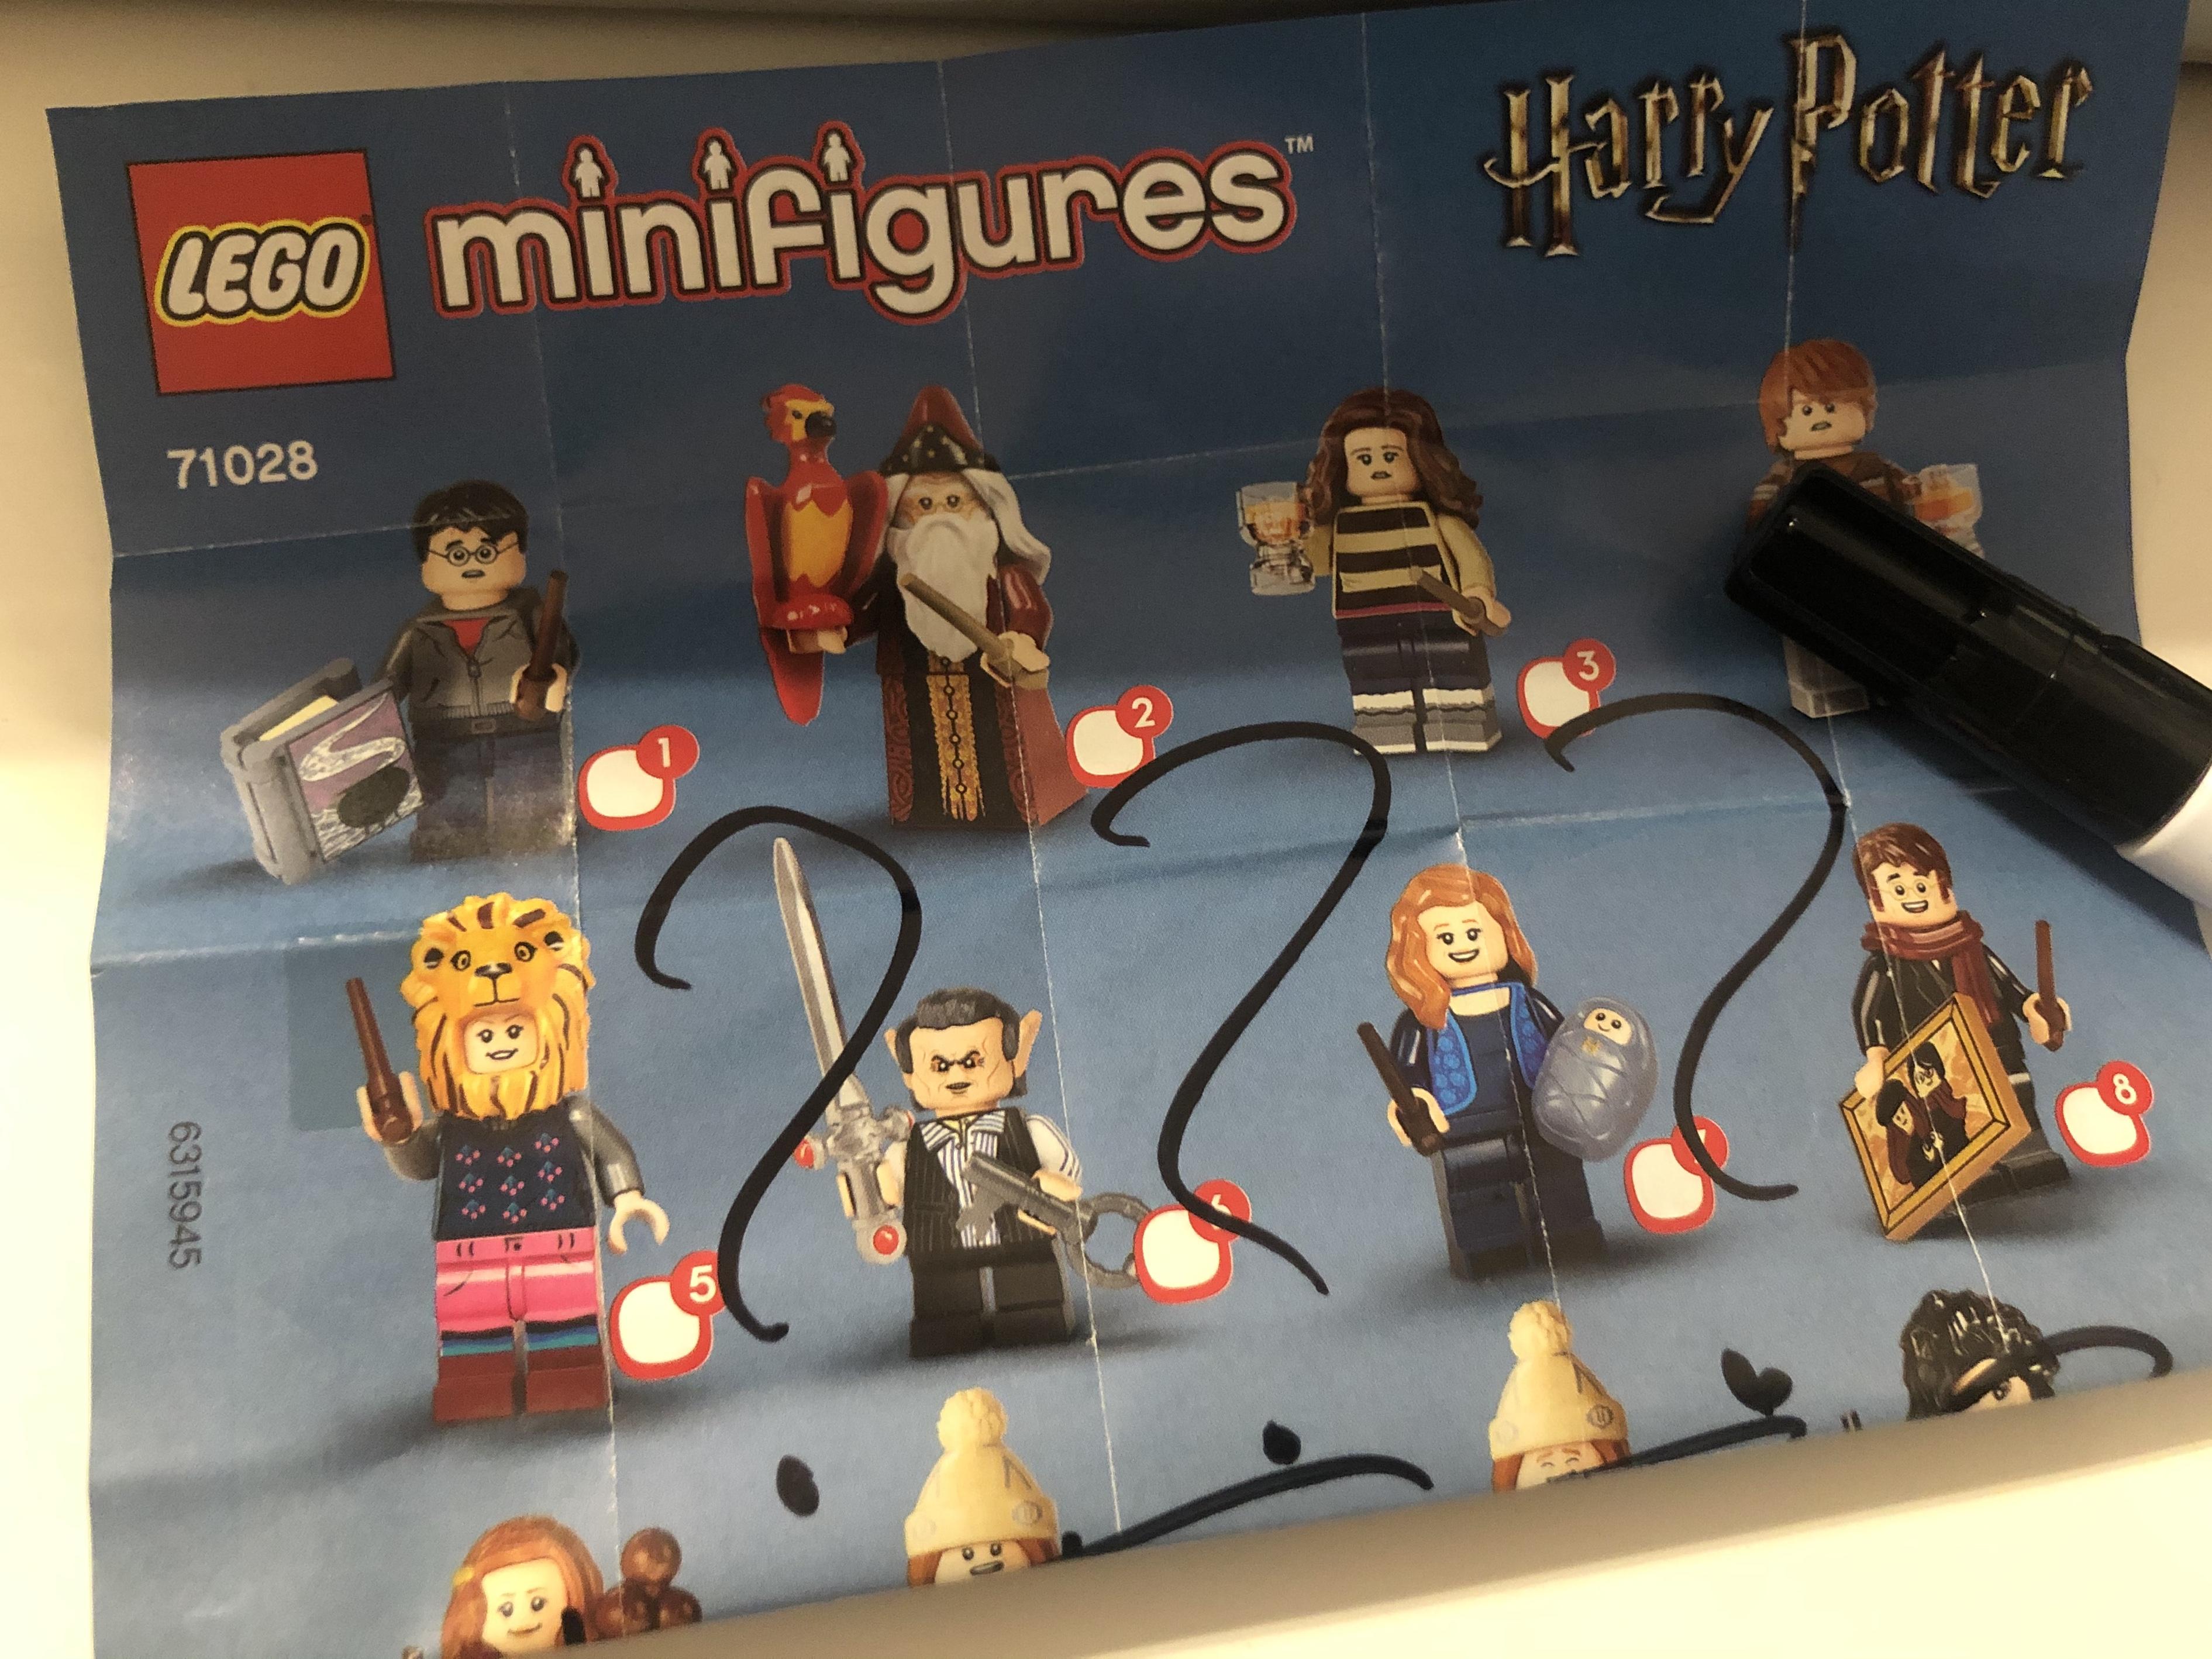 Die Boxverteilung Der Lego Harry Potter Minifiguren Serie 2 Der Spielwaren Investor Spielend Reale Rendite